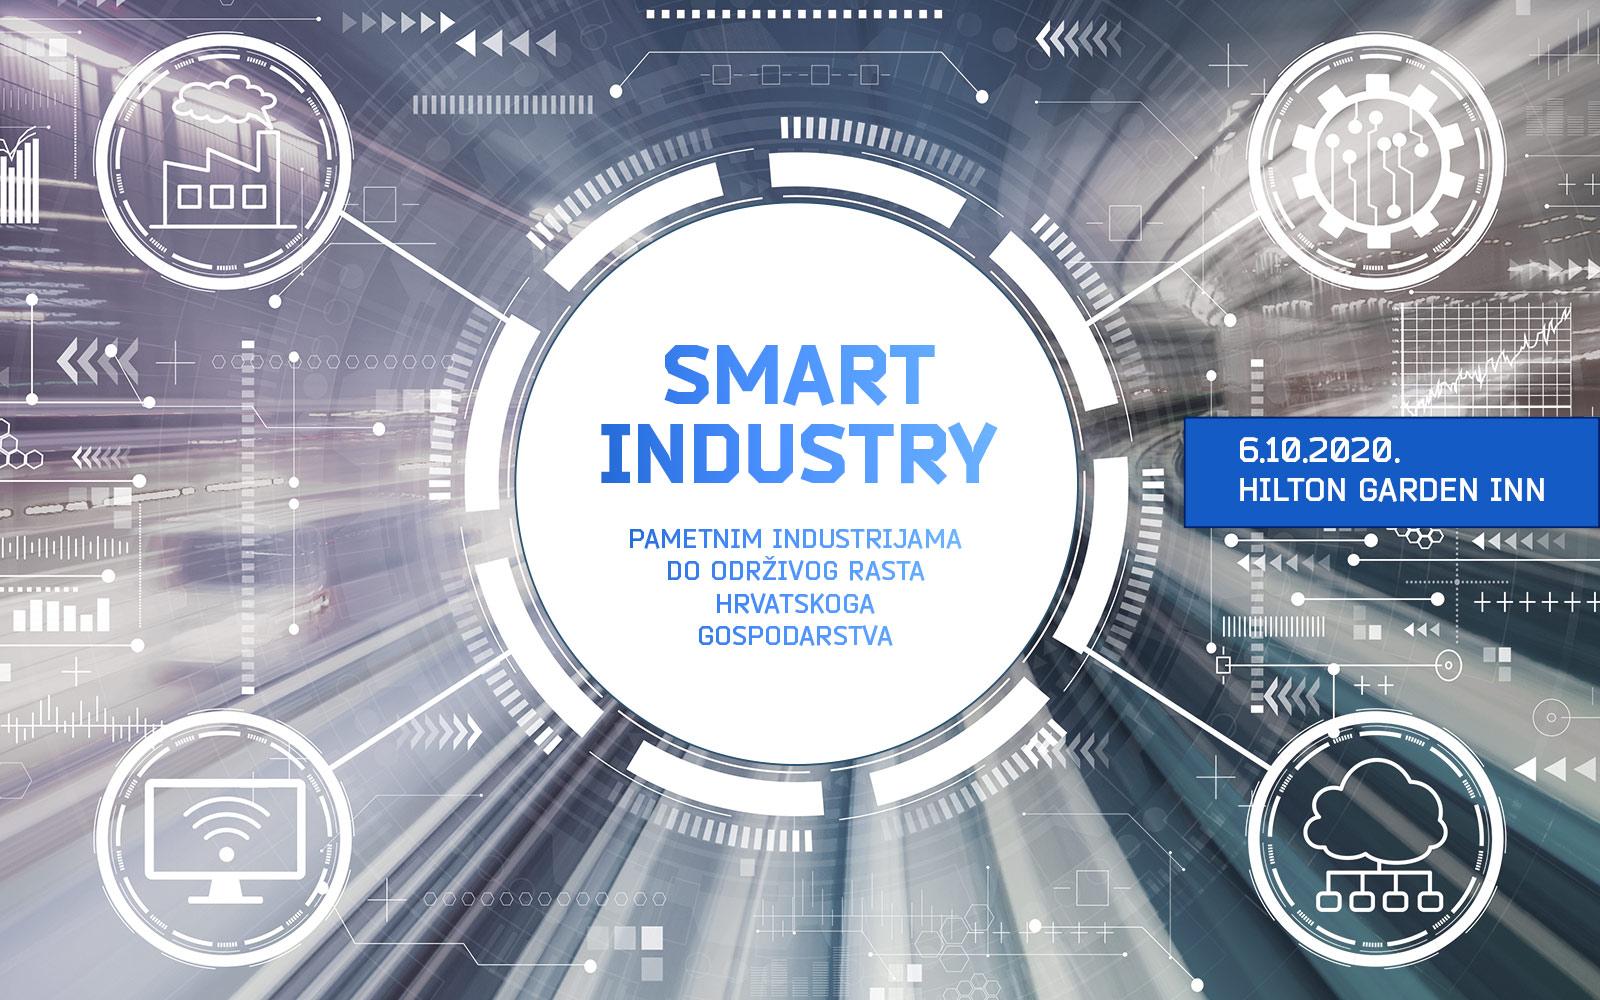 Smart Industry ima svrhu ubrzati i olakšati digitalnu transformaciju tvrtki